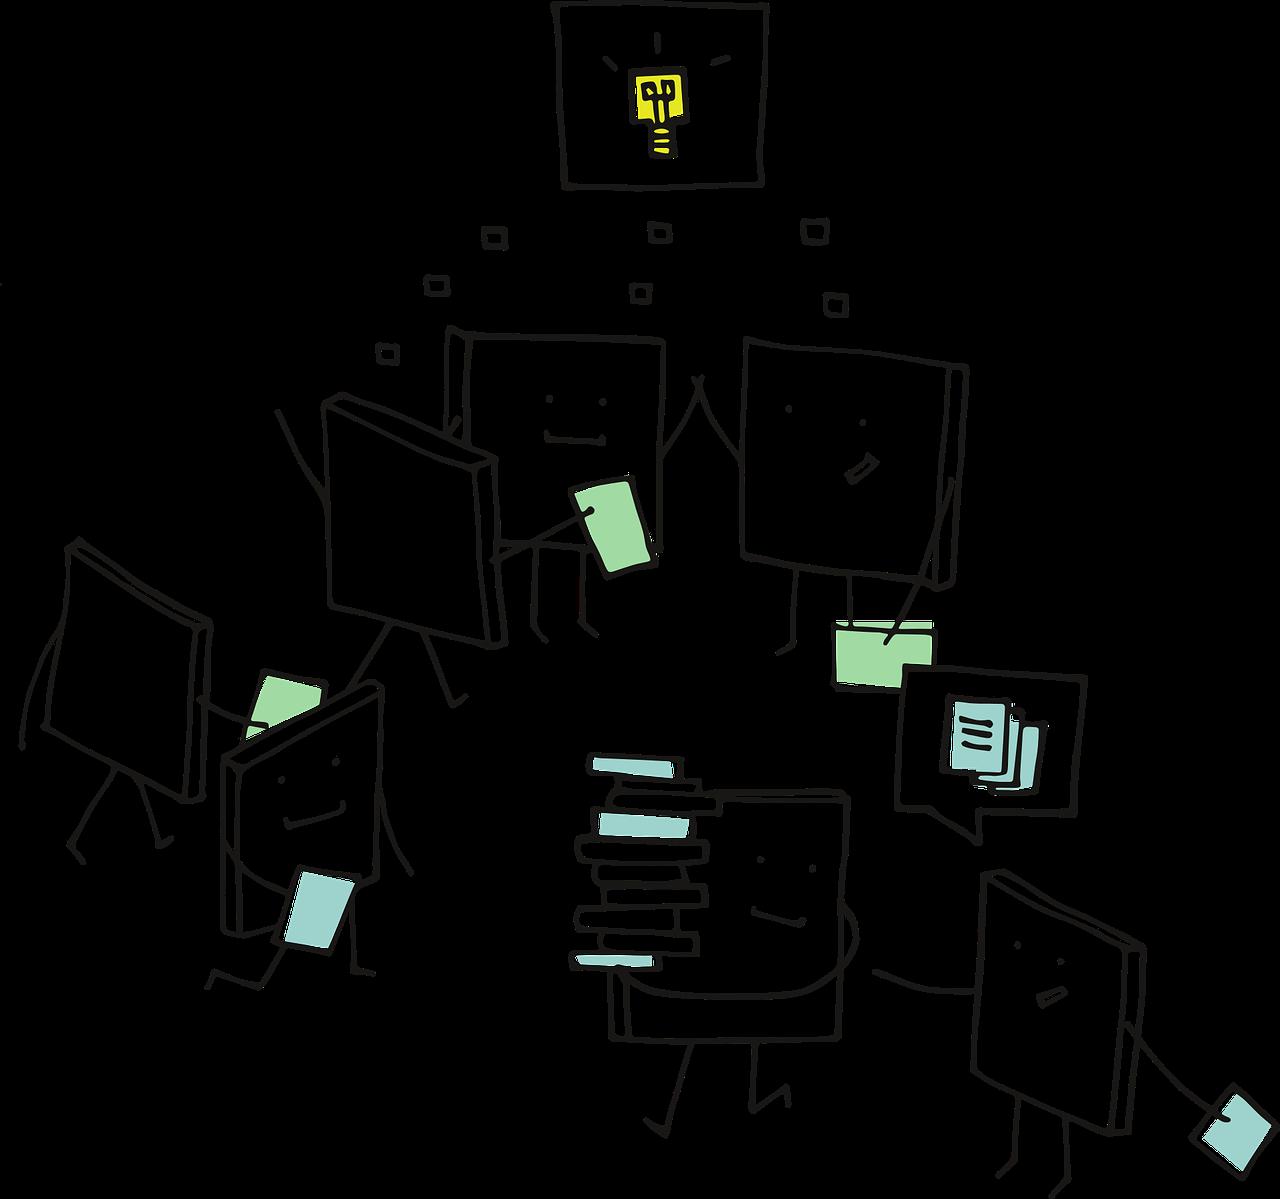 """Bild von <a href=""""https://pixabay.com/de/users/manfredsteger-1848497/?utm_source=link-attribution&amp;utm_medium=referral&amp;utm_campaign=image&amp;utm_content=3702056"""">Manfred Steger</a> auf <a href=""""https://pixabay.com/de/?utm_source=link-attribution&amp;utm_medium=referral&amp;utm_campaign=image&amp;utm_content=3702056"""">Pixabay</a>"""